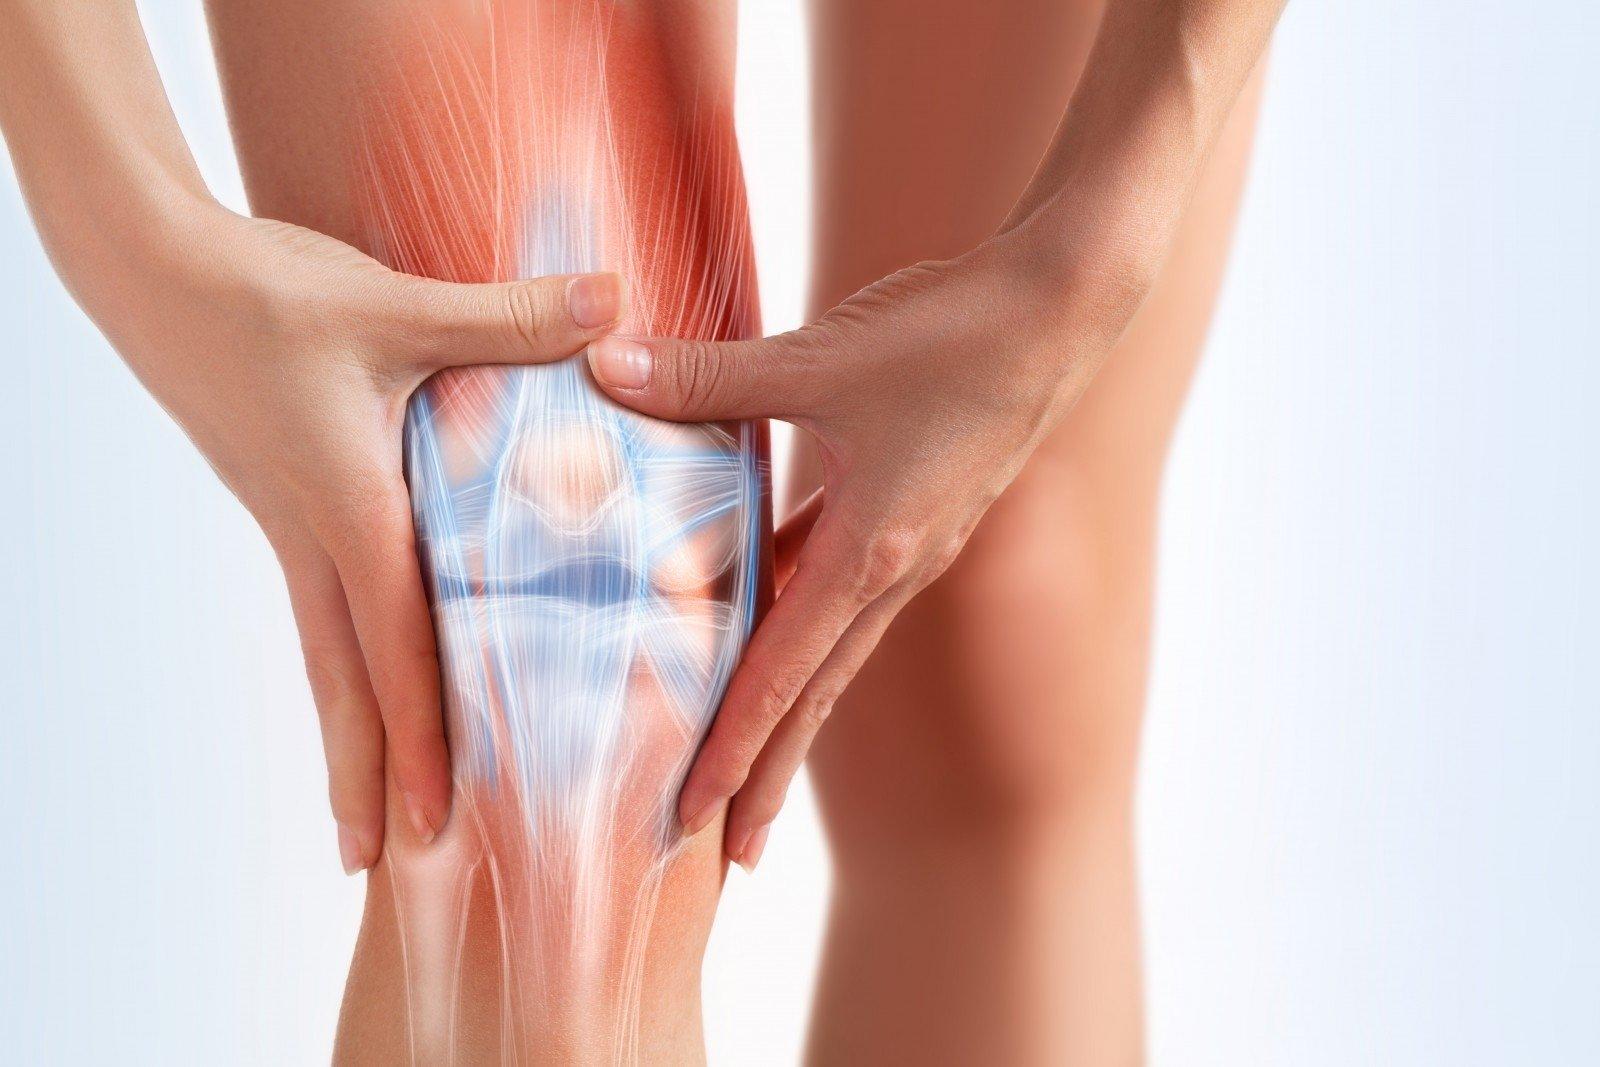 medicina sąnarių skausmas gydymas skausmas alkūnės gydymas liaudies gynimo sąnario